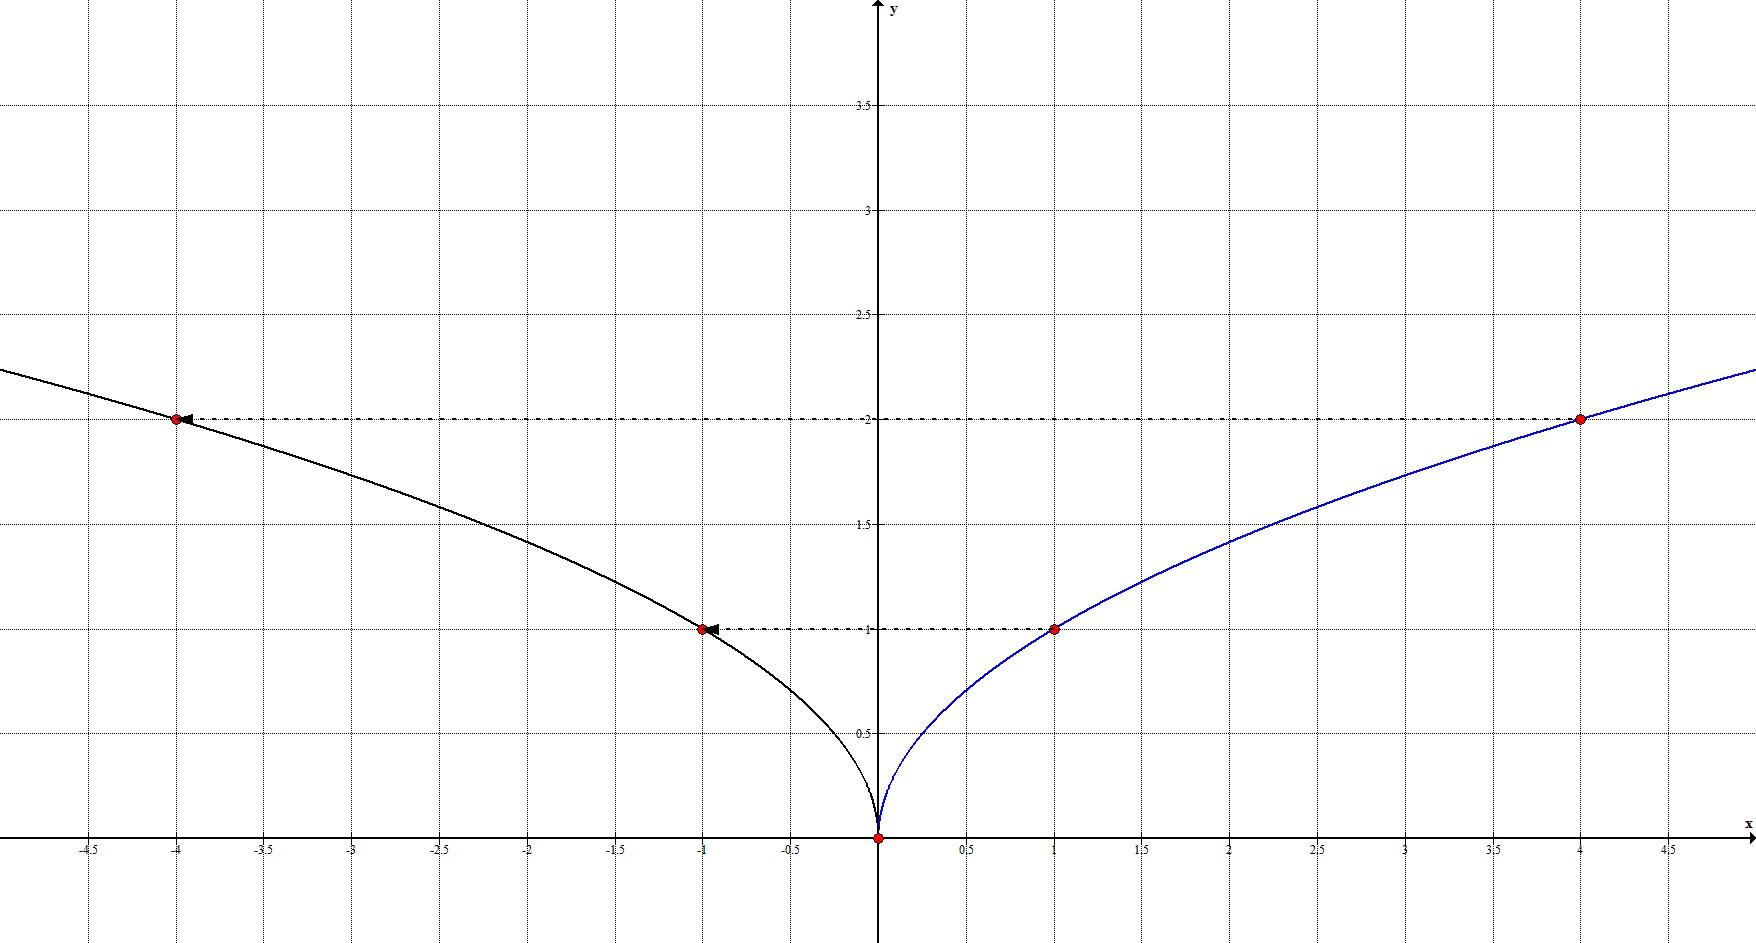 Геометрические преобразования. Отображение относительно Оy.